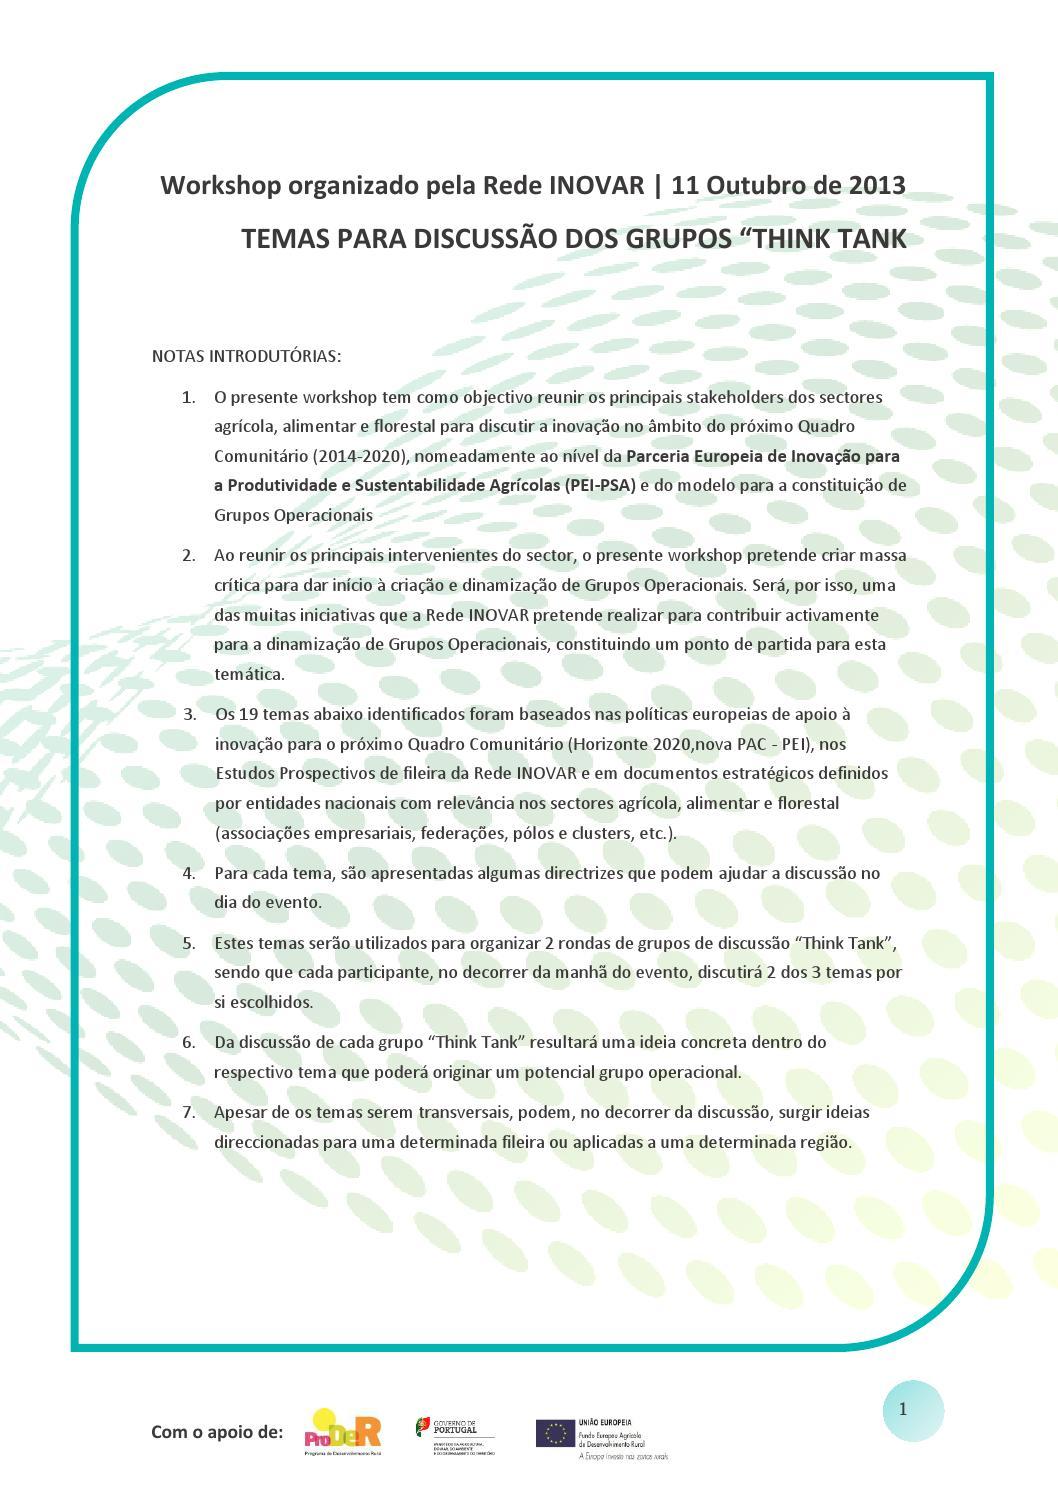 Temas Discussão Grupos Think Tank By Inovisa Issuu